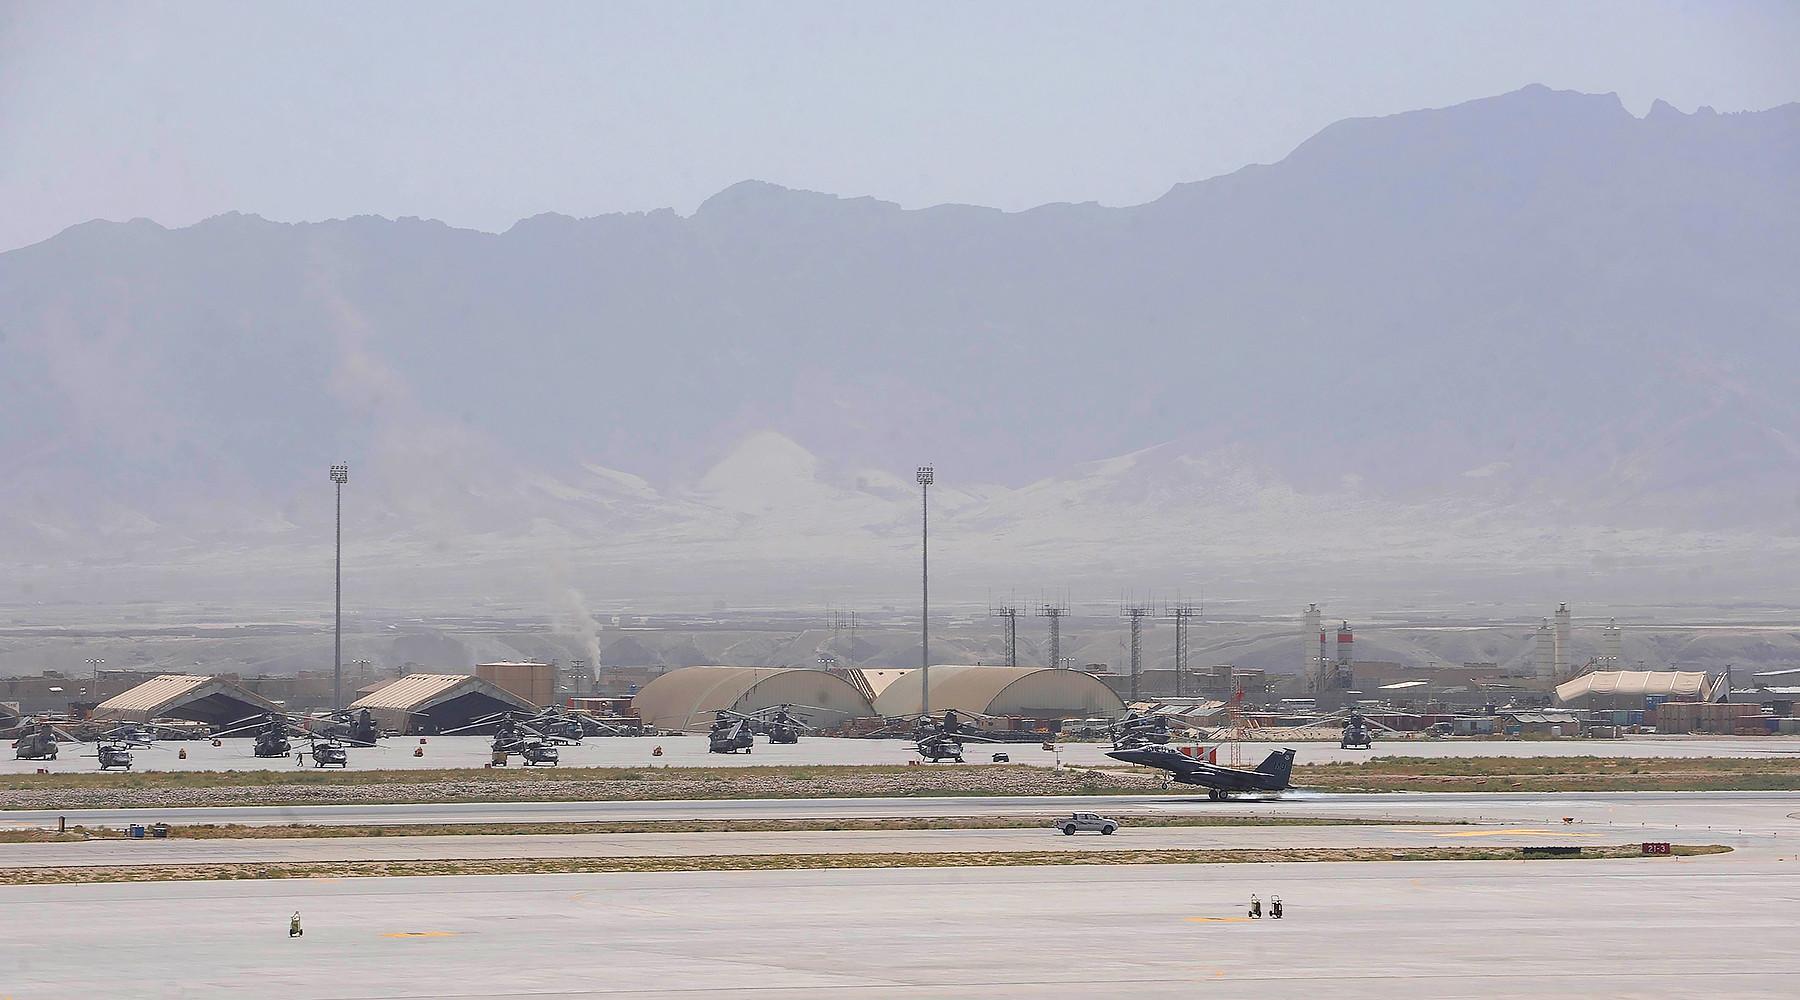 зачем афганские власти «стёрли» часы на фото со втречи Тиллерсона и Гани